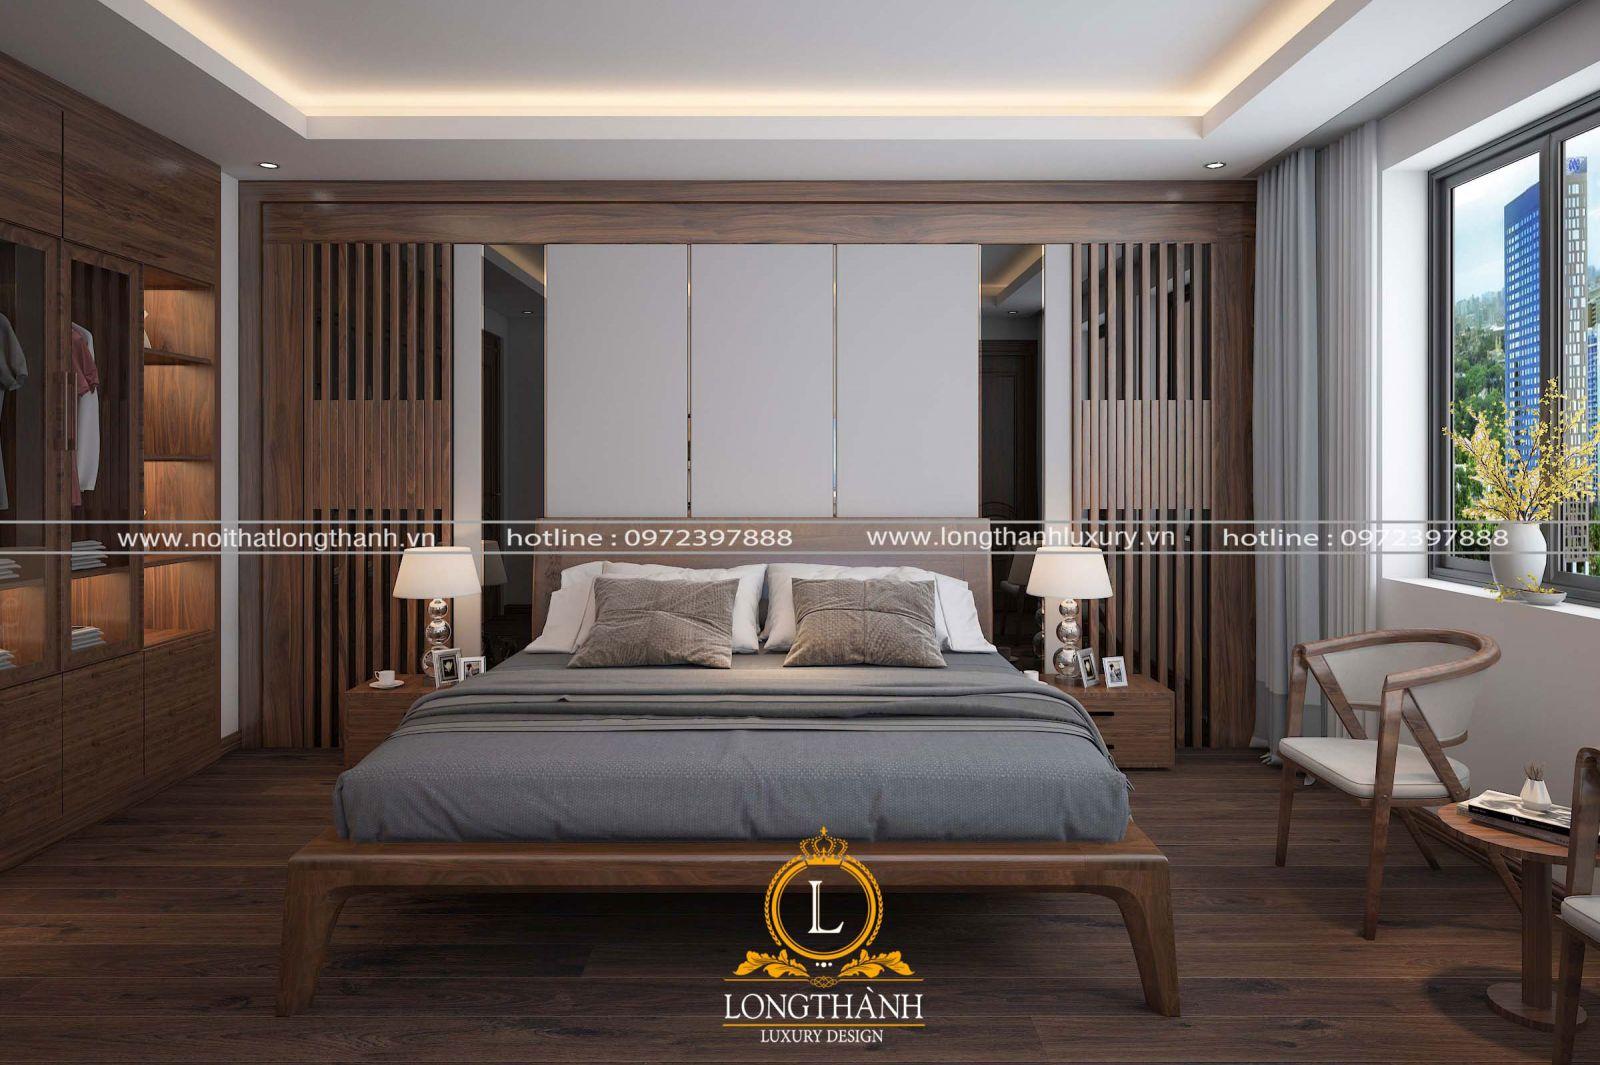 Theo diện tích không gian để thiết kế can phòng ngủ phù hợp